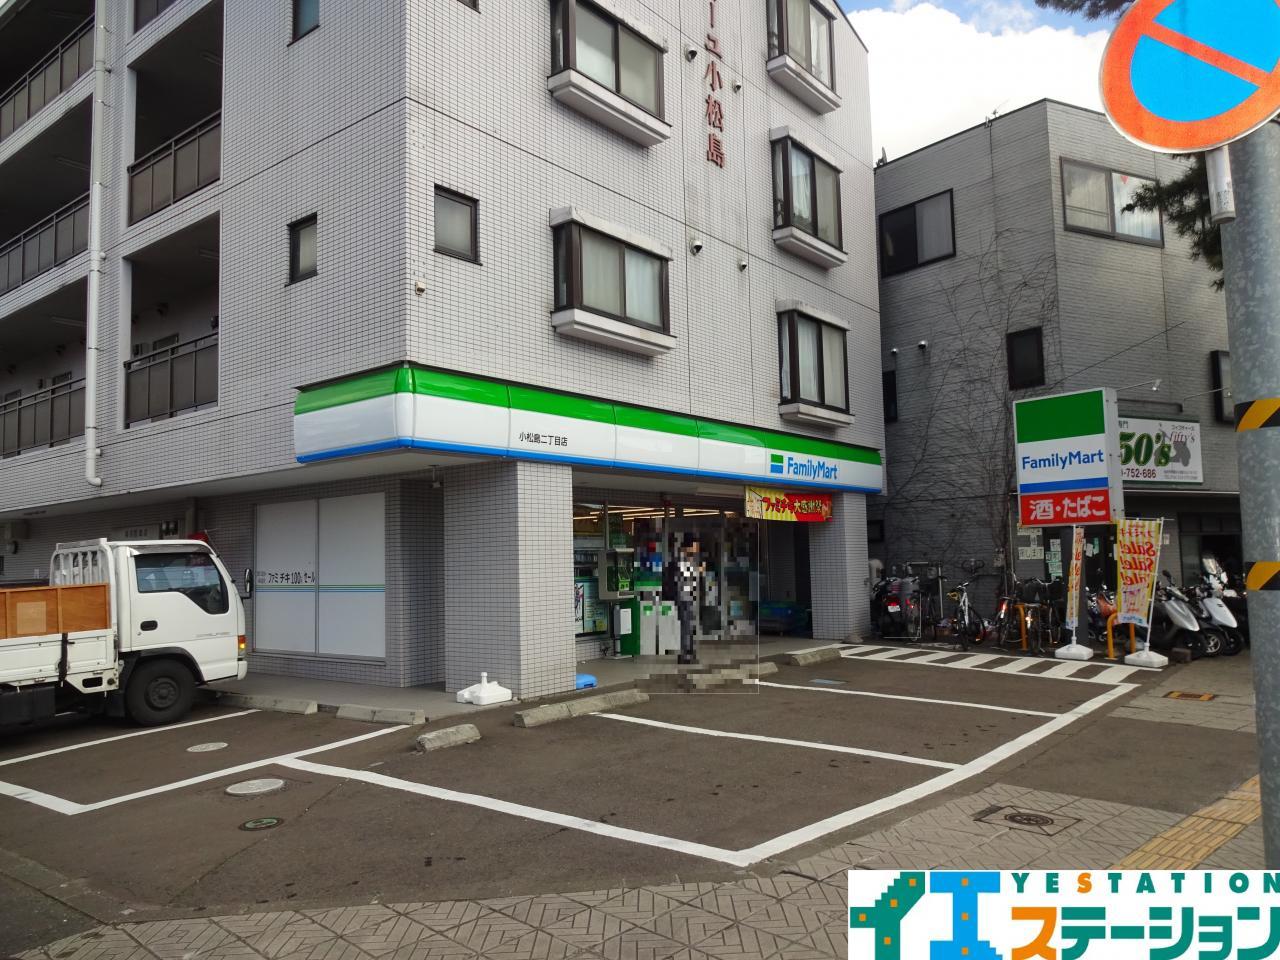 ファミリーマート小松島2丁目店